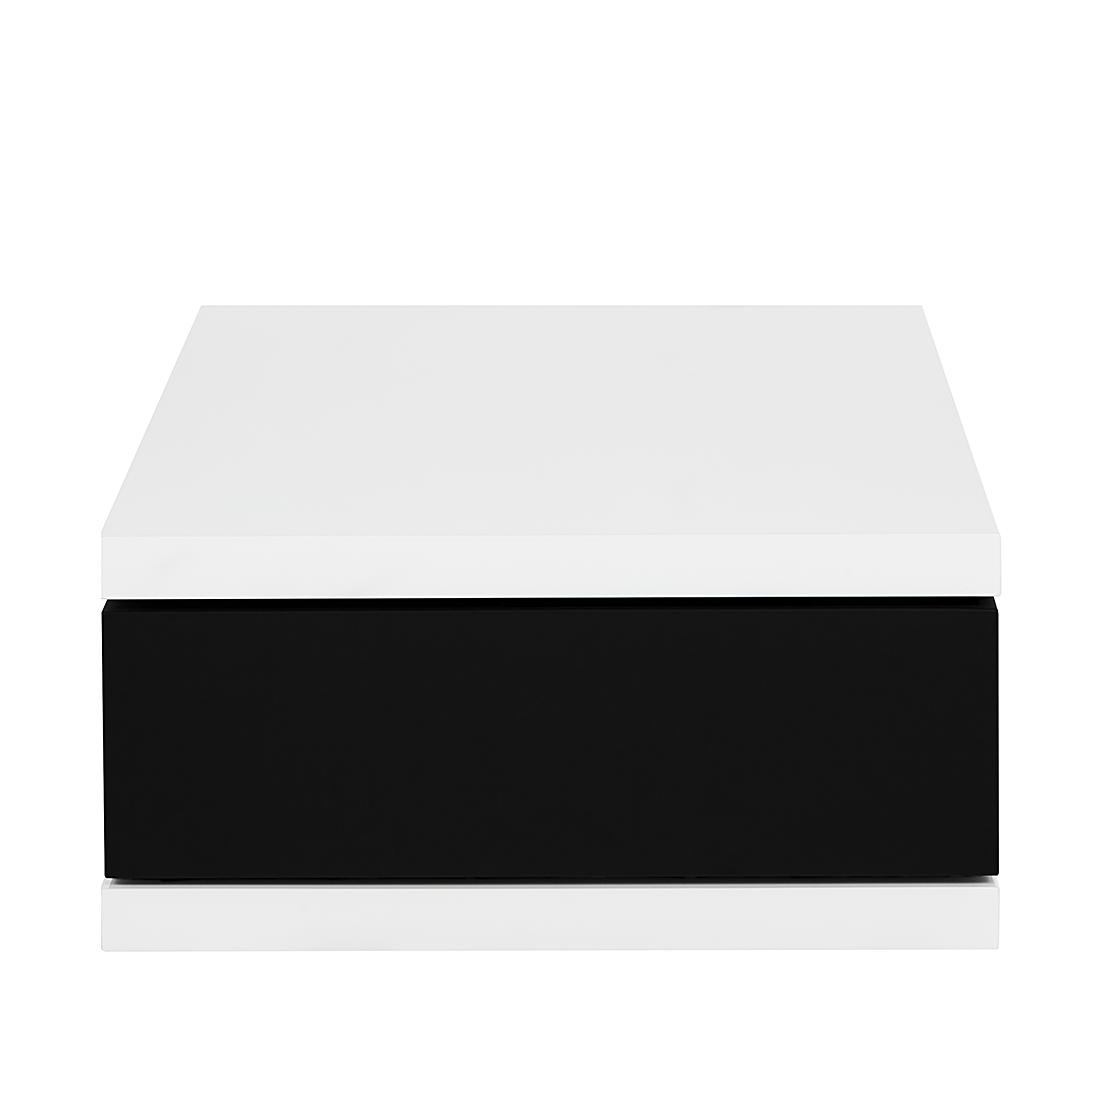 couchtisch schublade wei schwarz hochglanz wohnzimmer lounge couch tisch neu. Black Bedroom Furniture Sets. Home Design Ideas